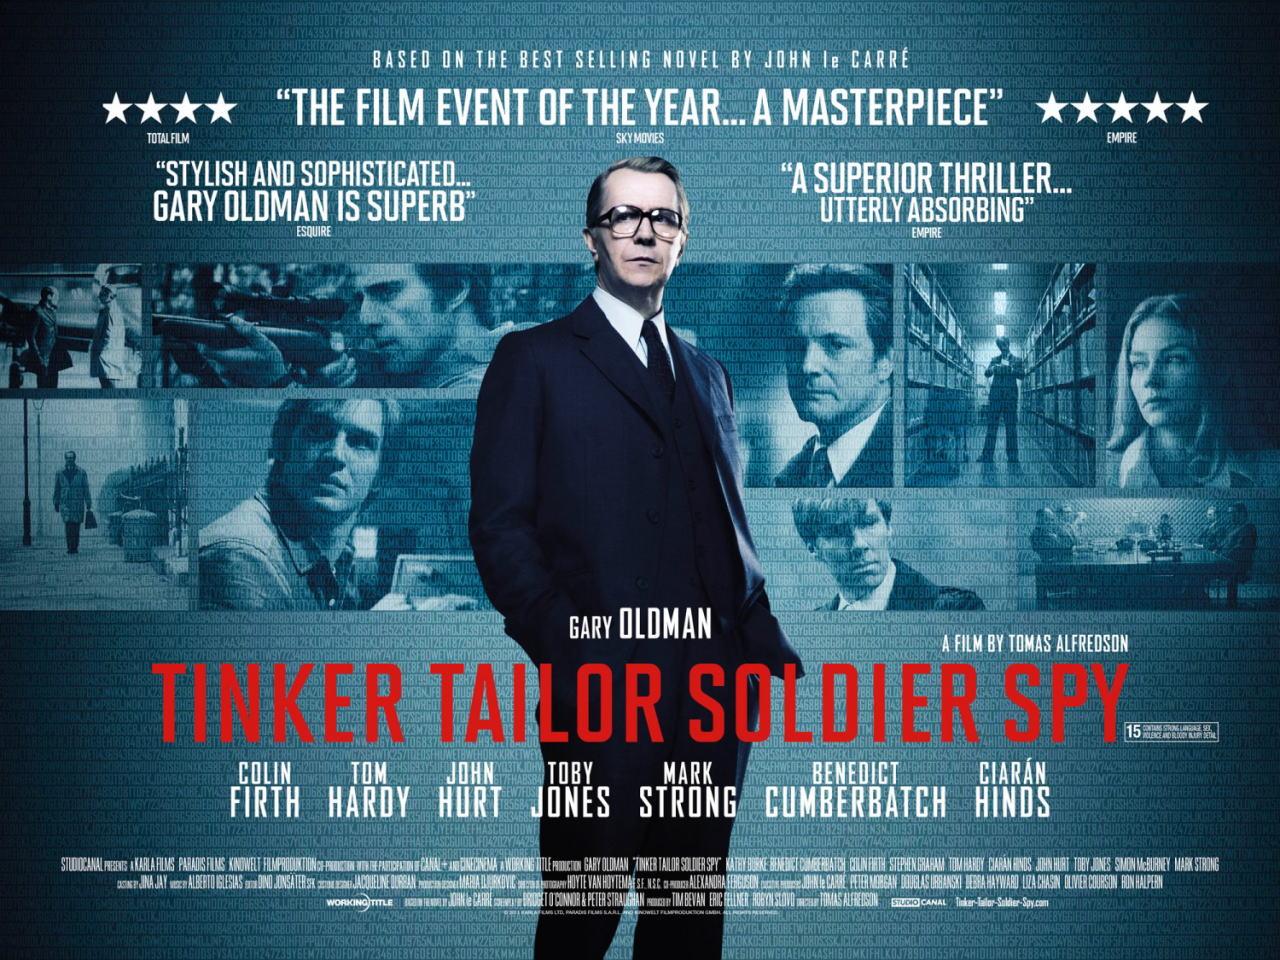 映画『裏切りのサーカス TINKER TAILOR SOLDIER SPY』ポスター(3) ▼ポスター画像クリックで拡大します。